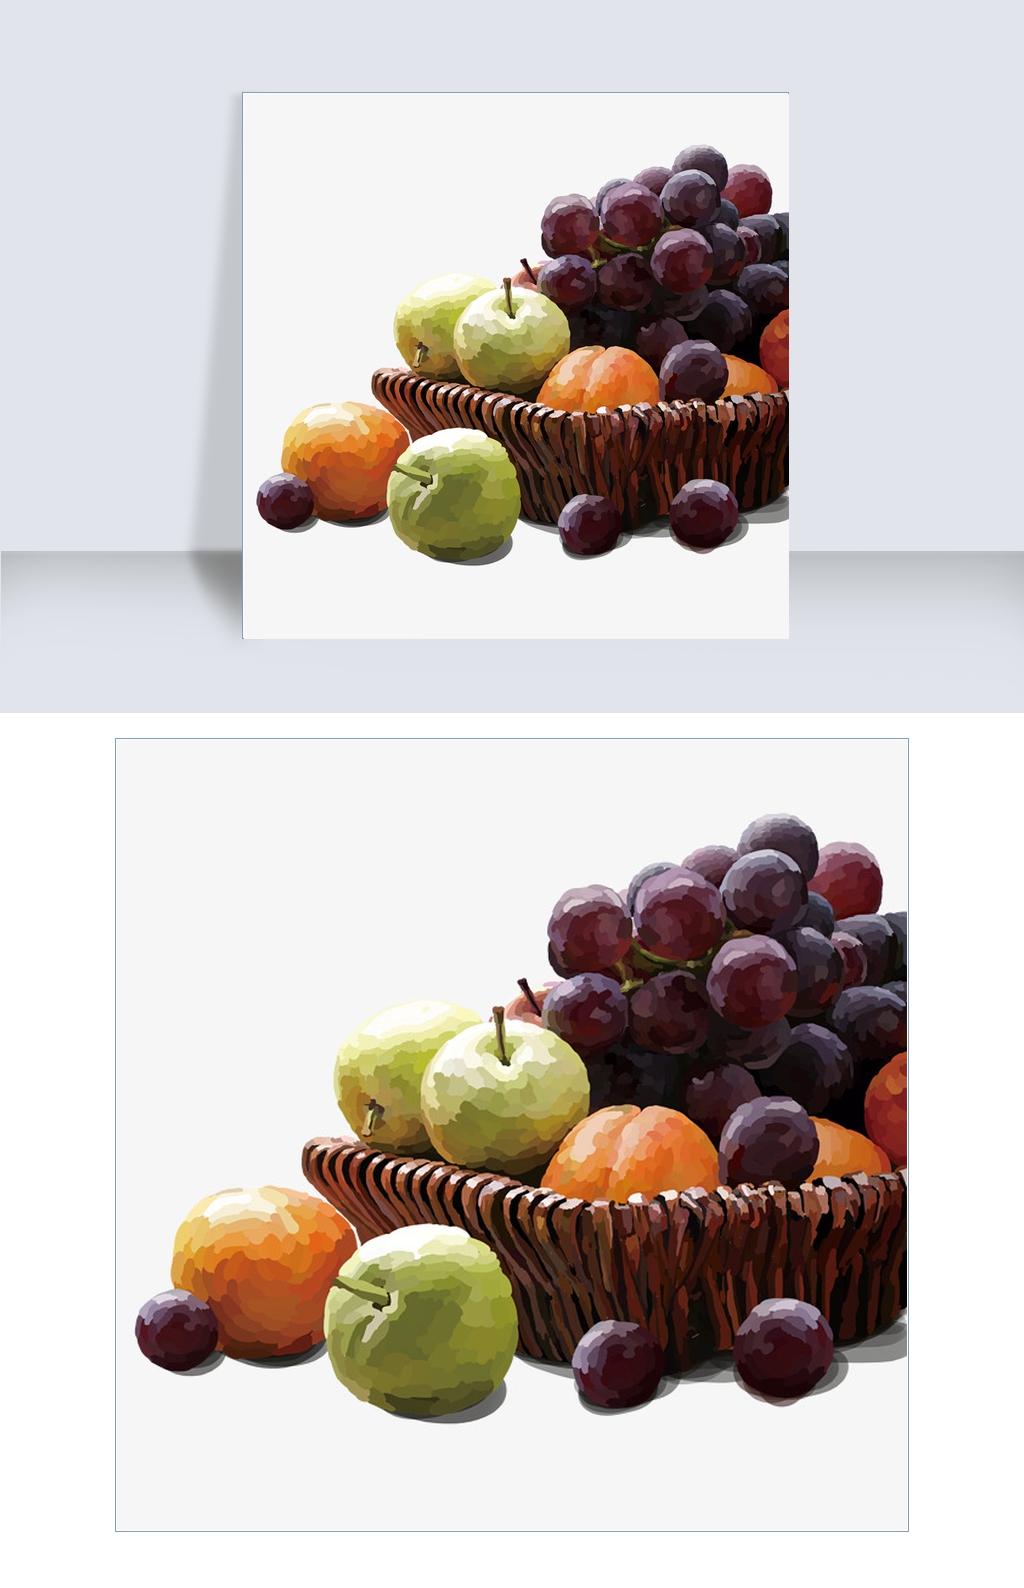 复古竹篮与新鲜水果手绘图.